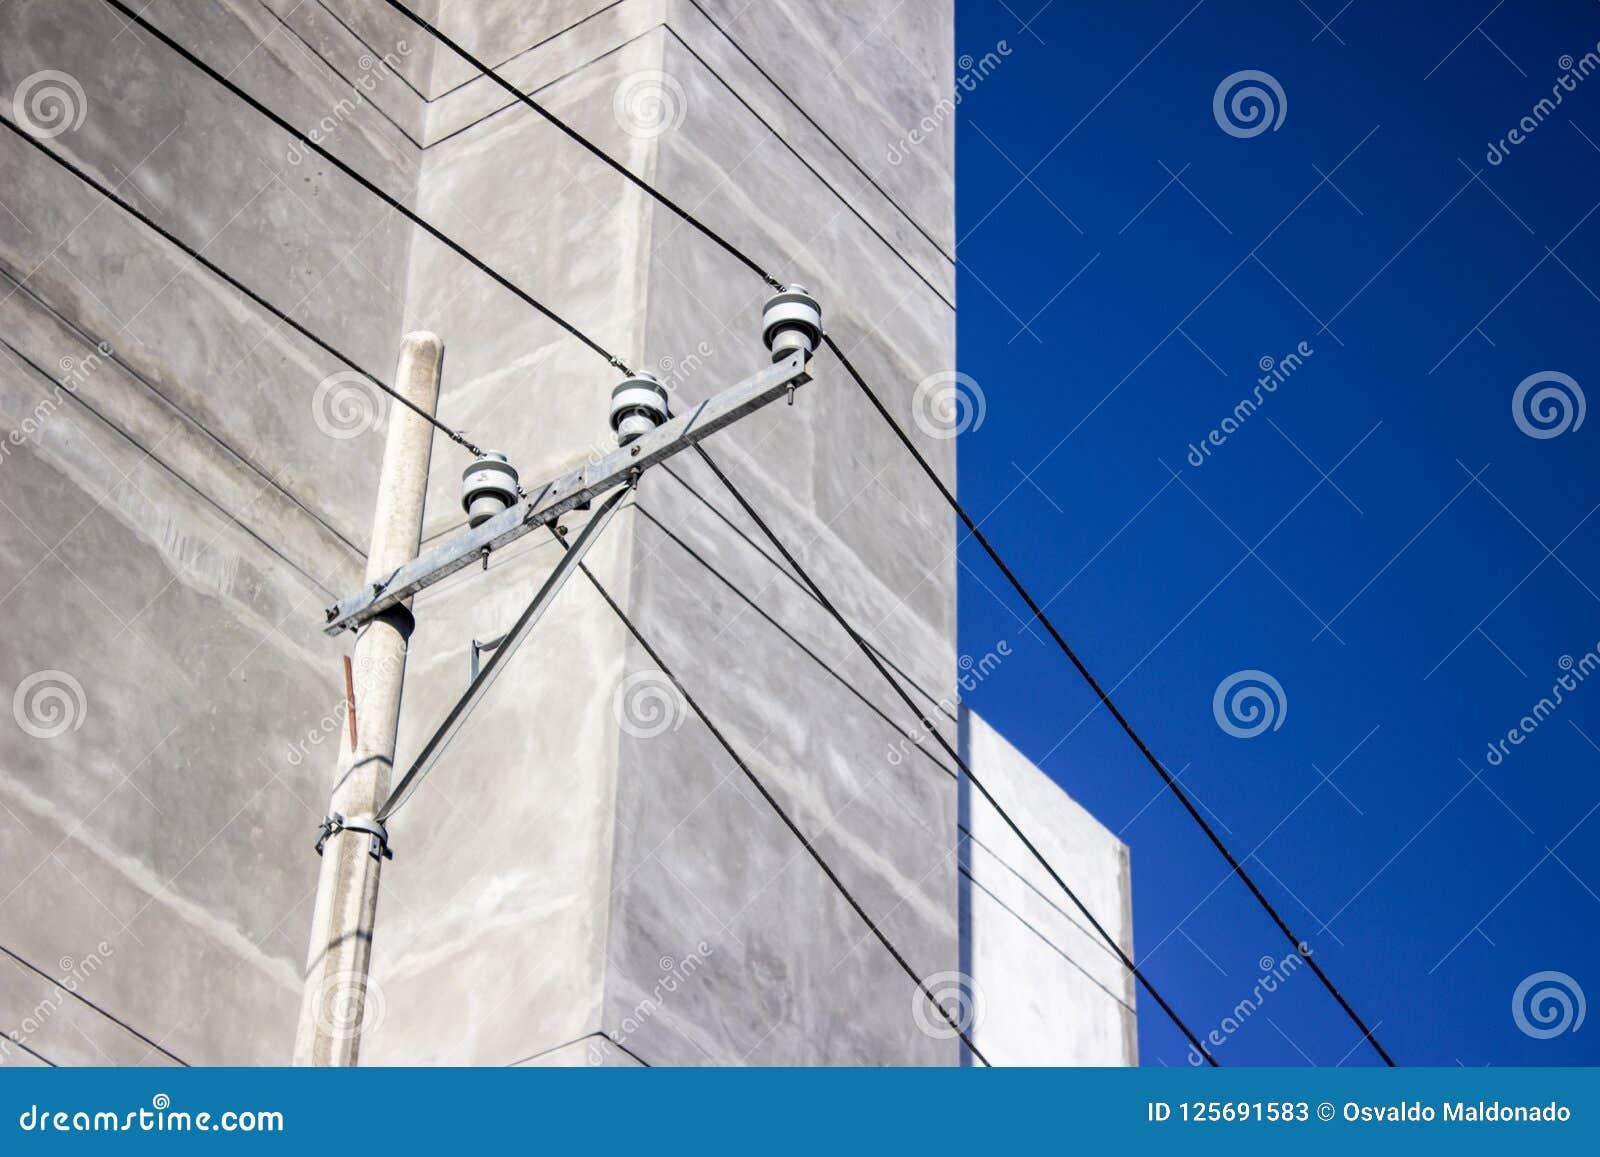 Posts de la electricidad de la calle